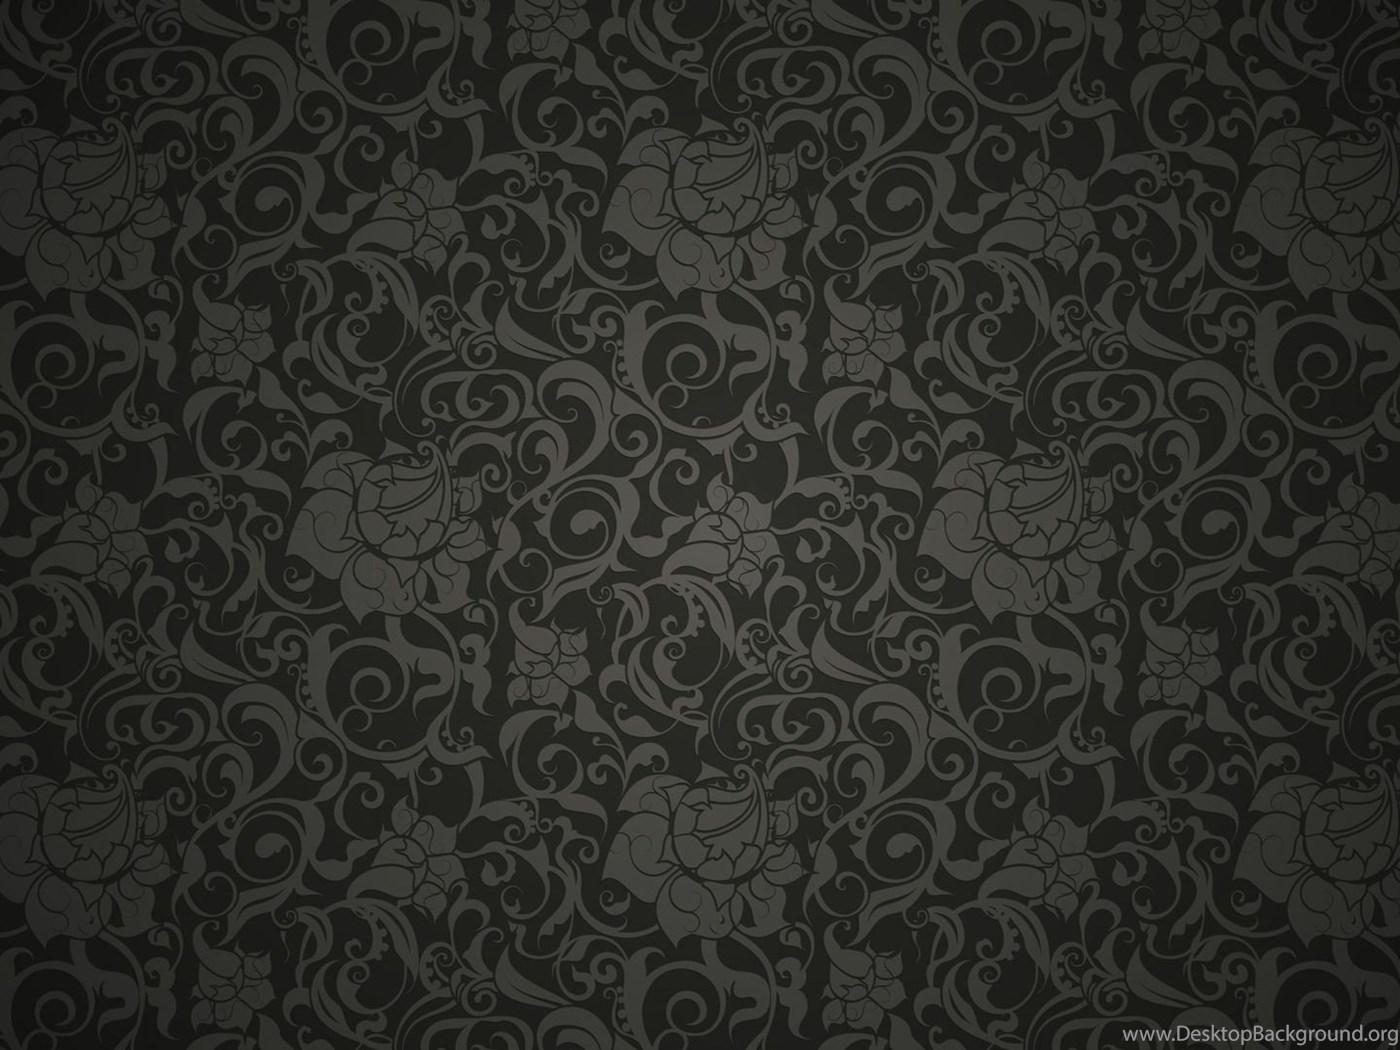 Black Floral Pattern Wallpapers Desktop Background